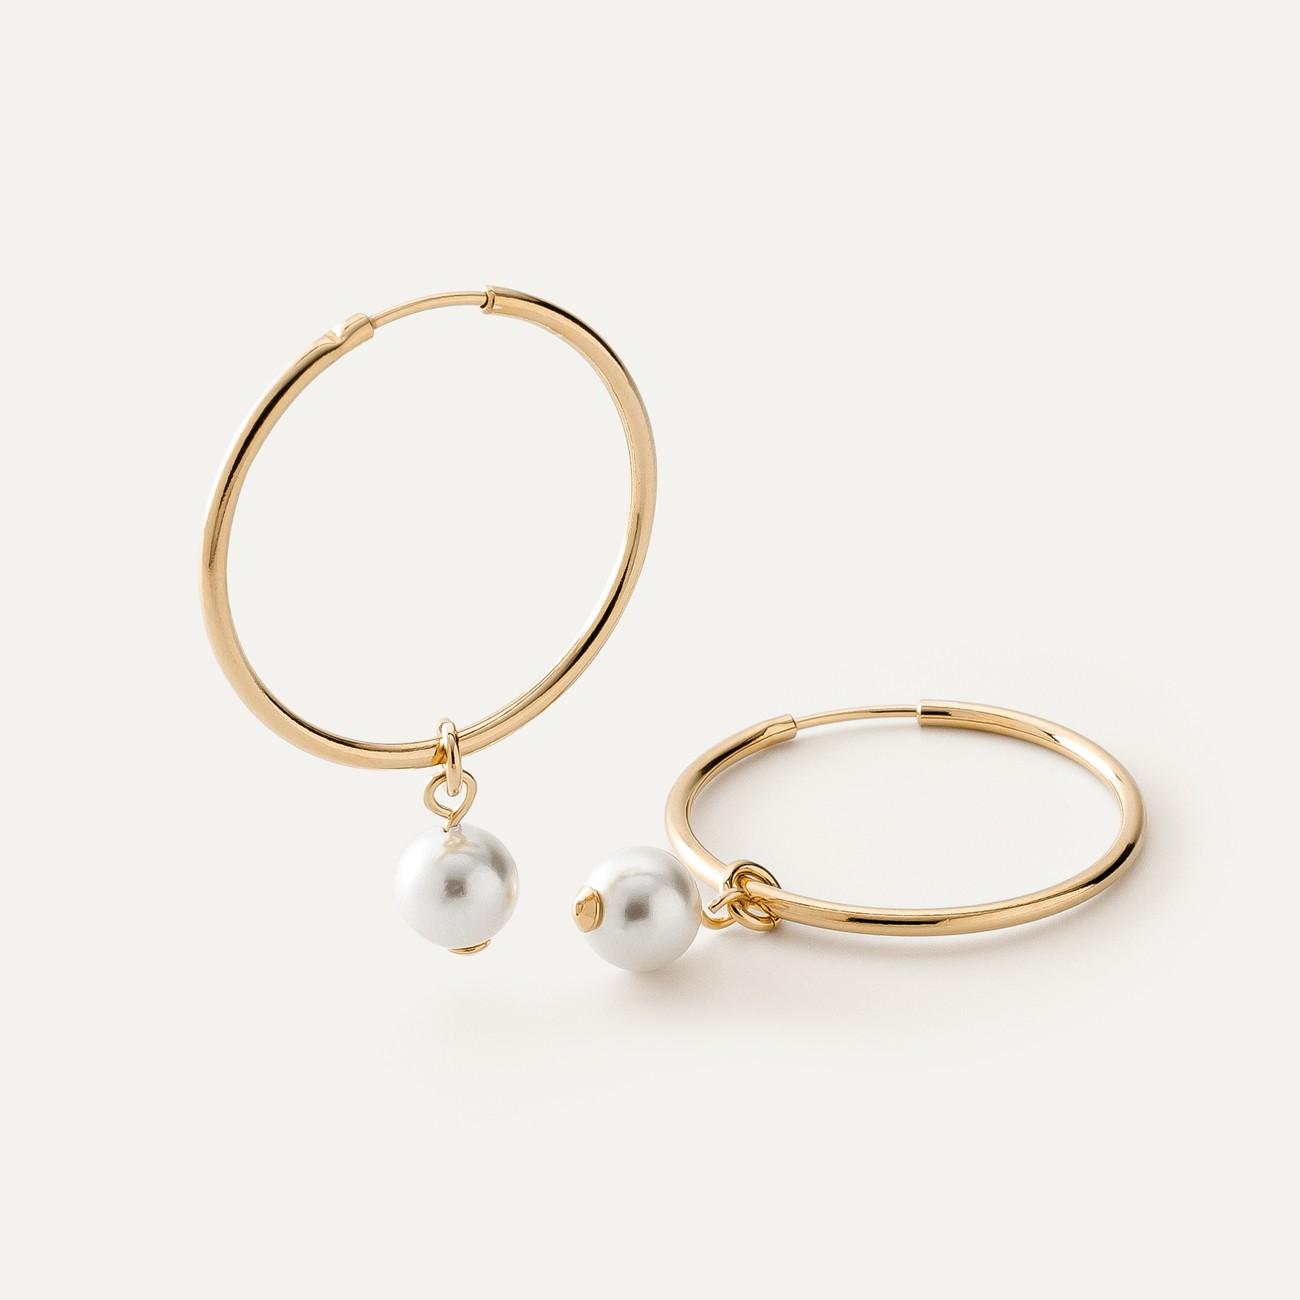 Pendientes circulares de plata con perlas blancas Swarovski